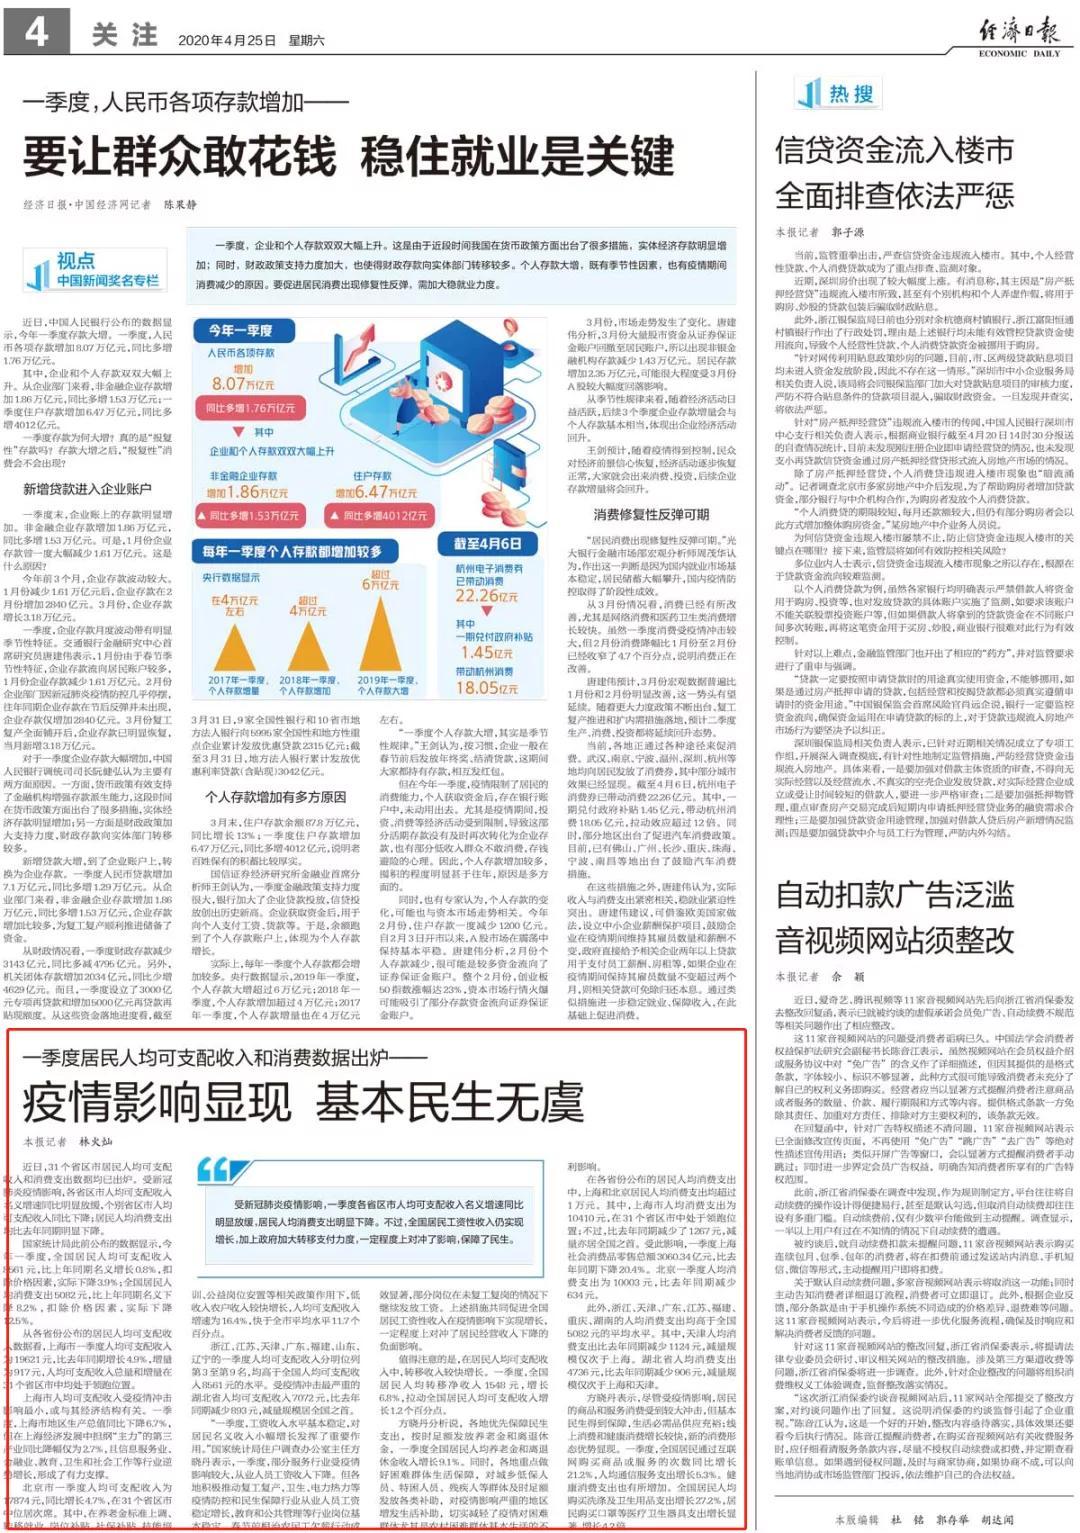 天津人均可支配收入_人均可支配收入